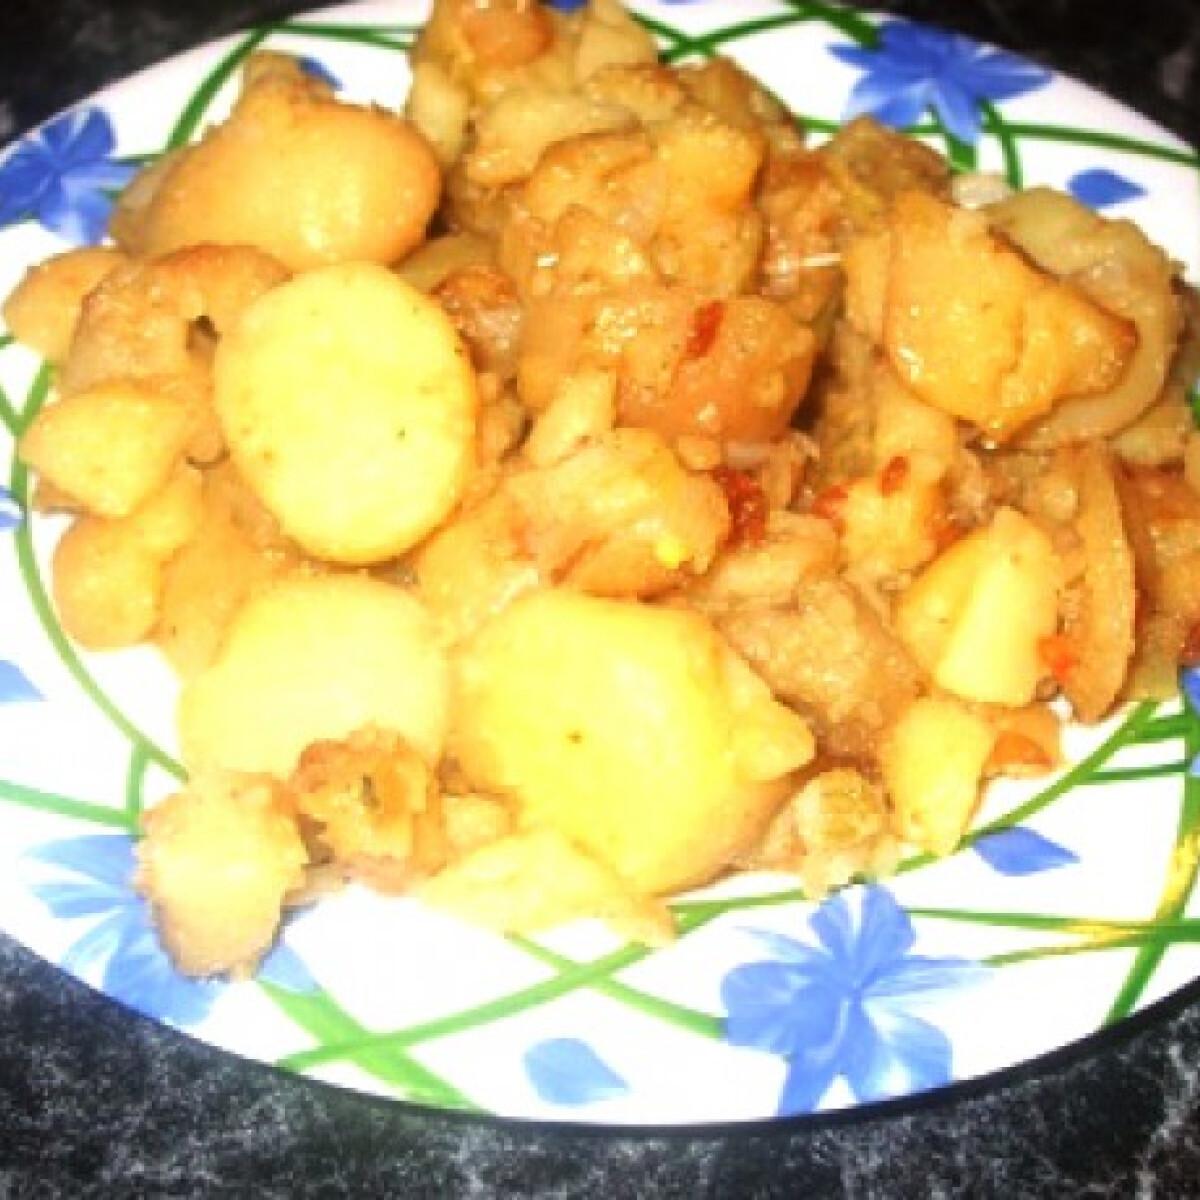 Hagymás burgonya Vandre konyhájából